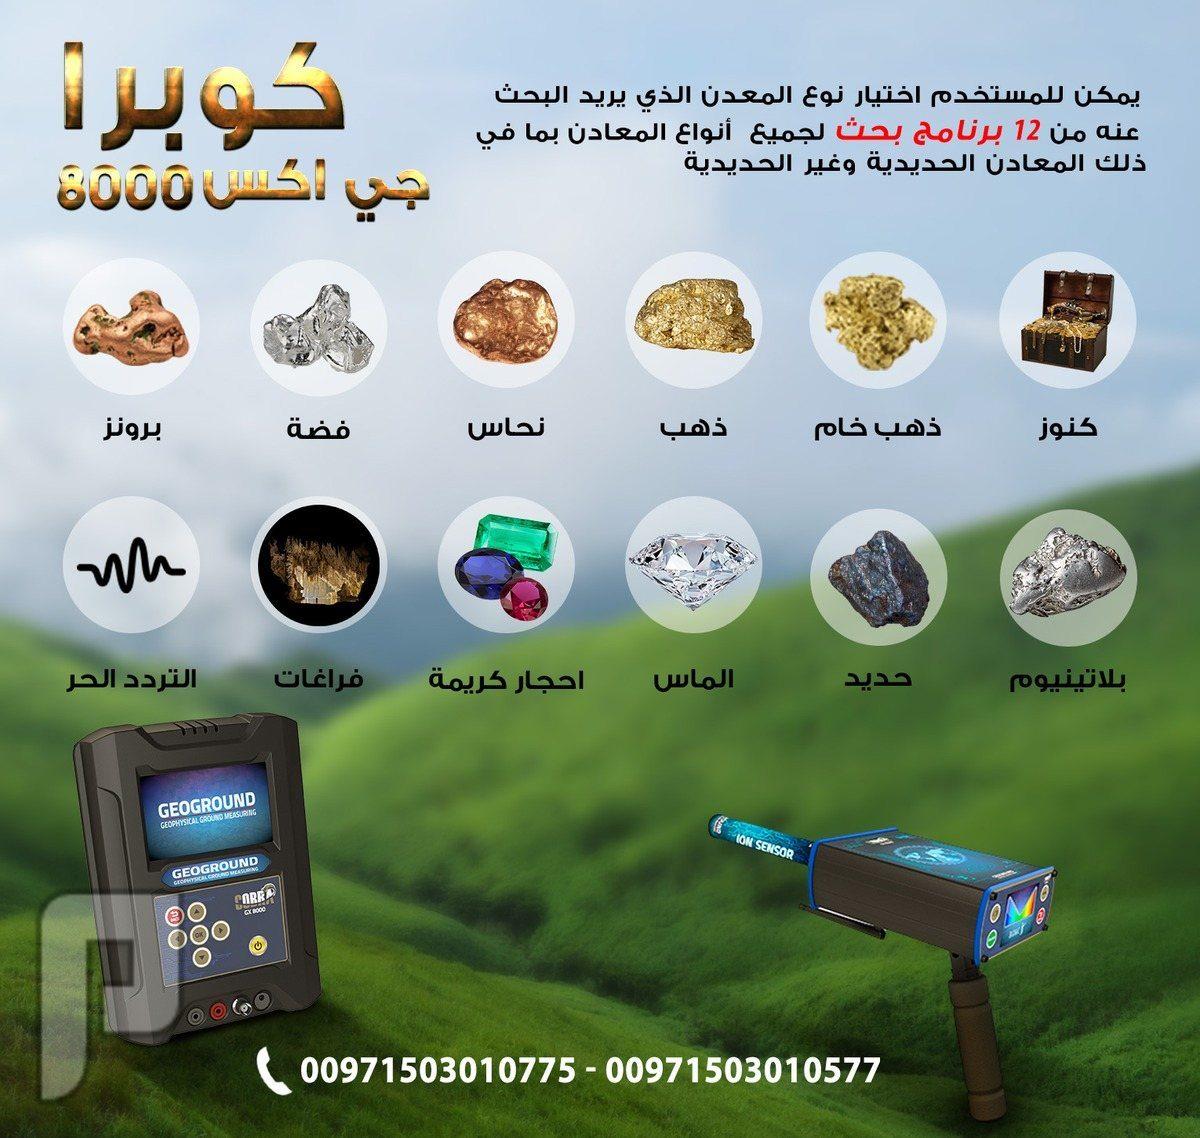 افضل اجهزة كشف الذهب فى السعودية جهاز كوبرا جي اكس 8000 كاشف الكنوز والذهب